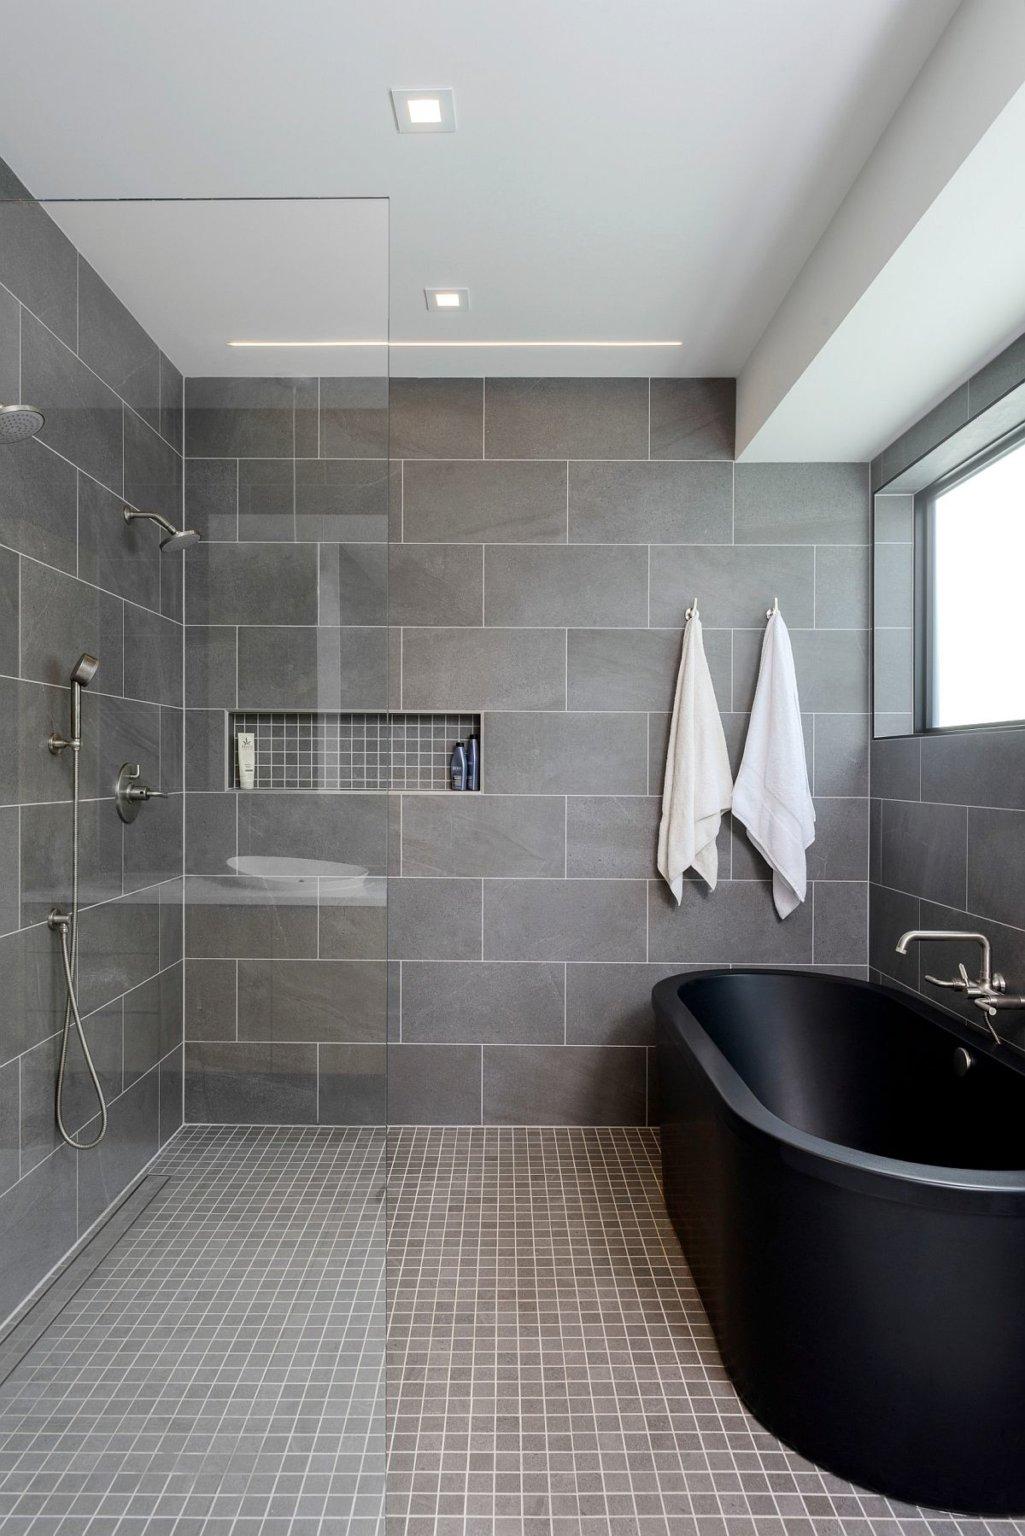 Thay vì màu trắng thông thường, bạn có thể đón nhận bồn tắm màu đen ấn tượng hơn cho mùa lễ hội cuối năm.